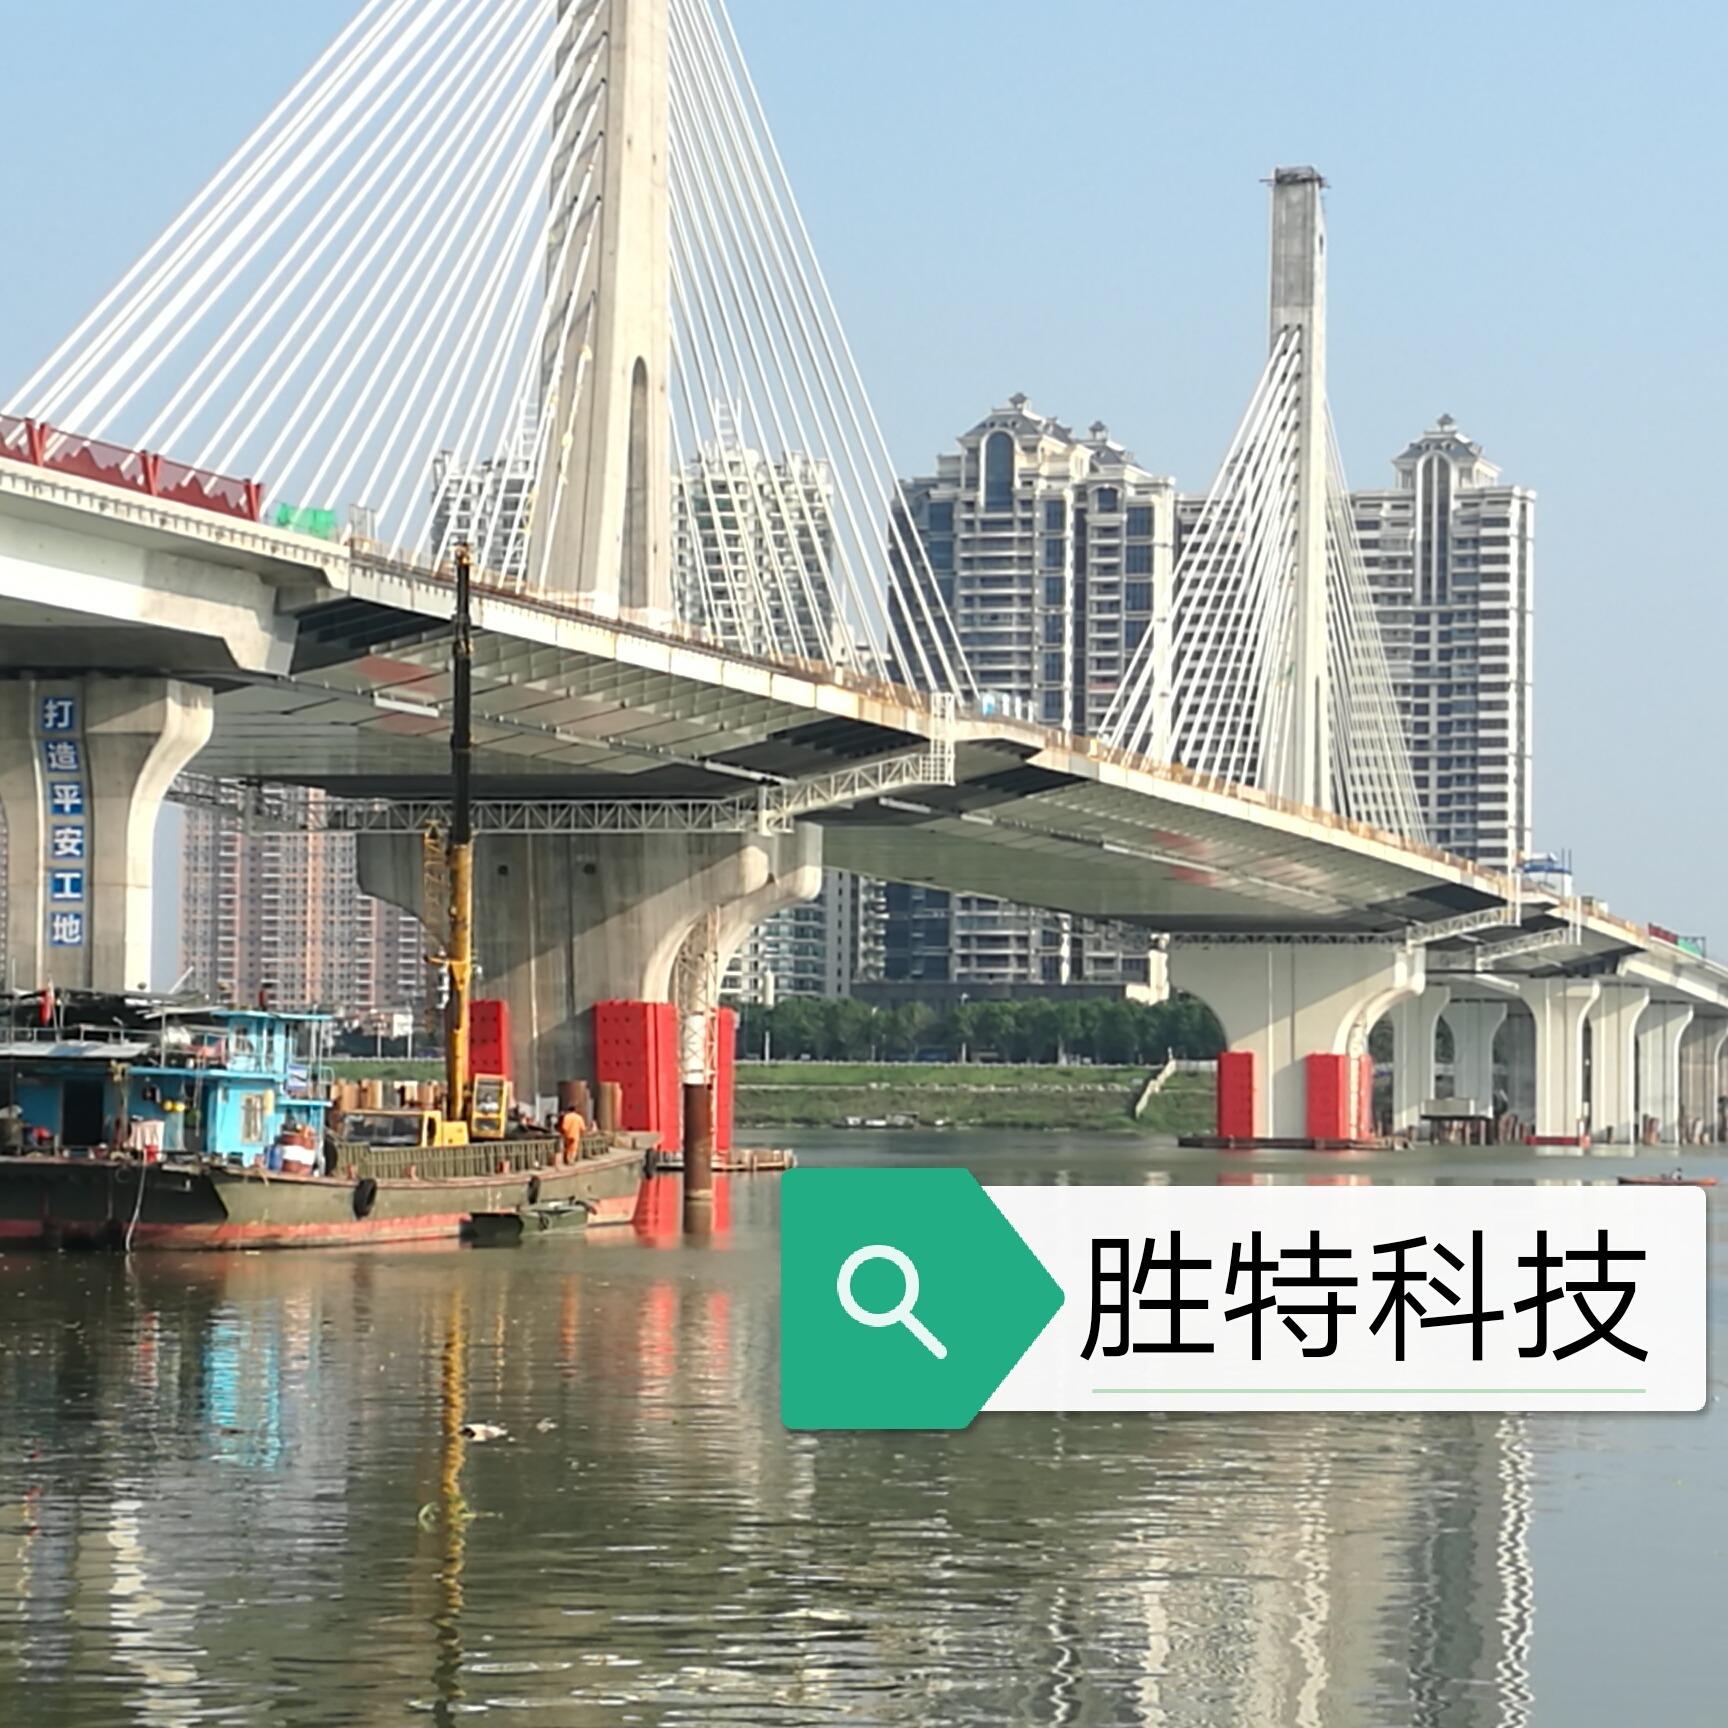 廣東省清遠市北江四橋復合材料防撞設施